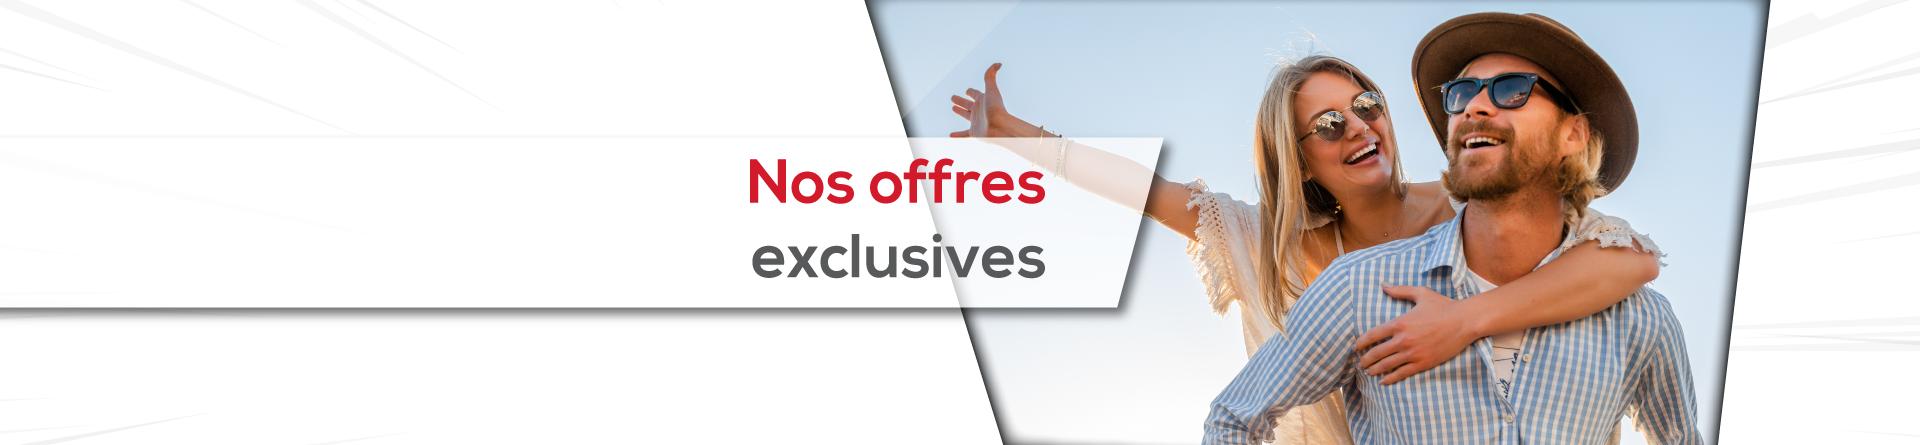 Réservation d'appart hôtel : nos offres exclusives City Résidence